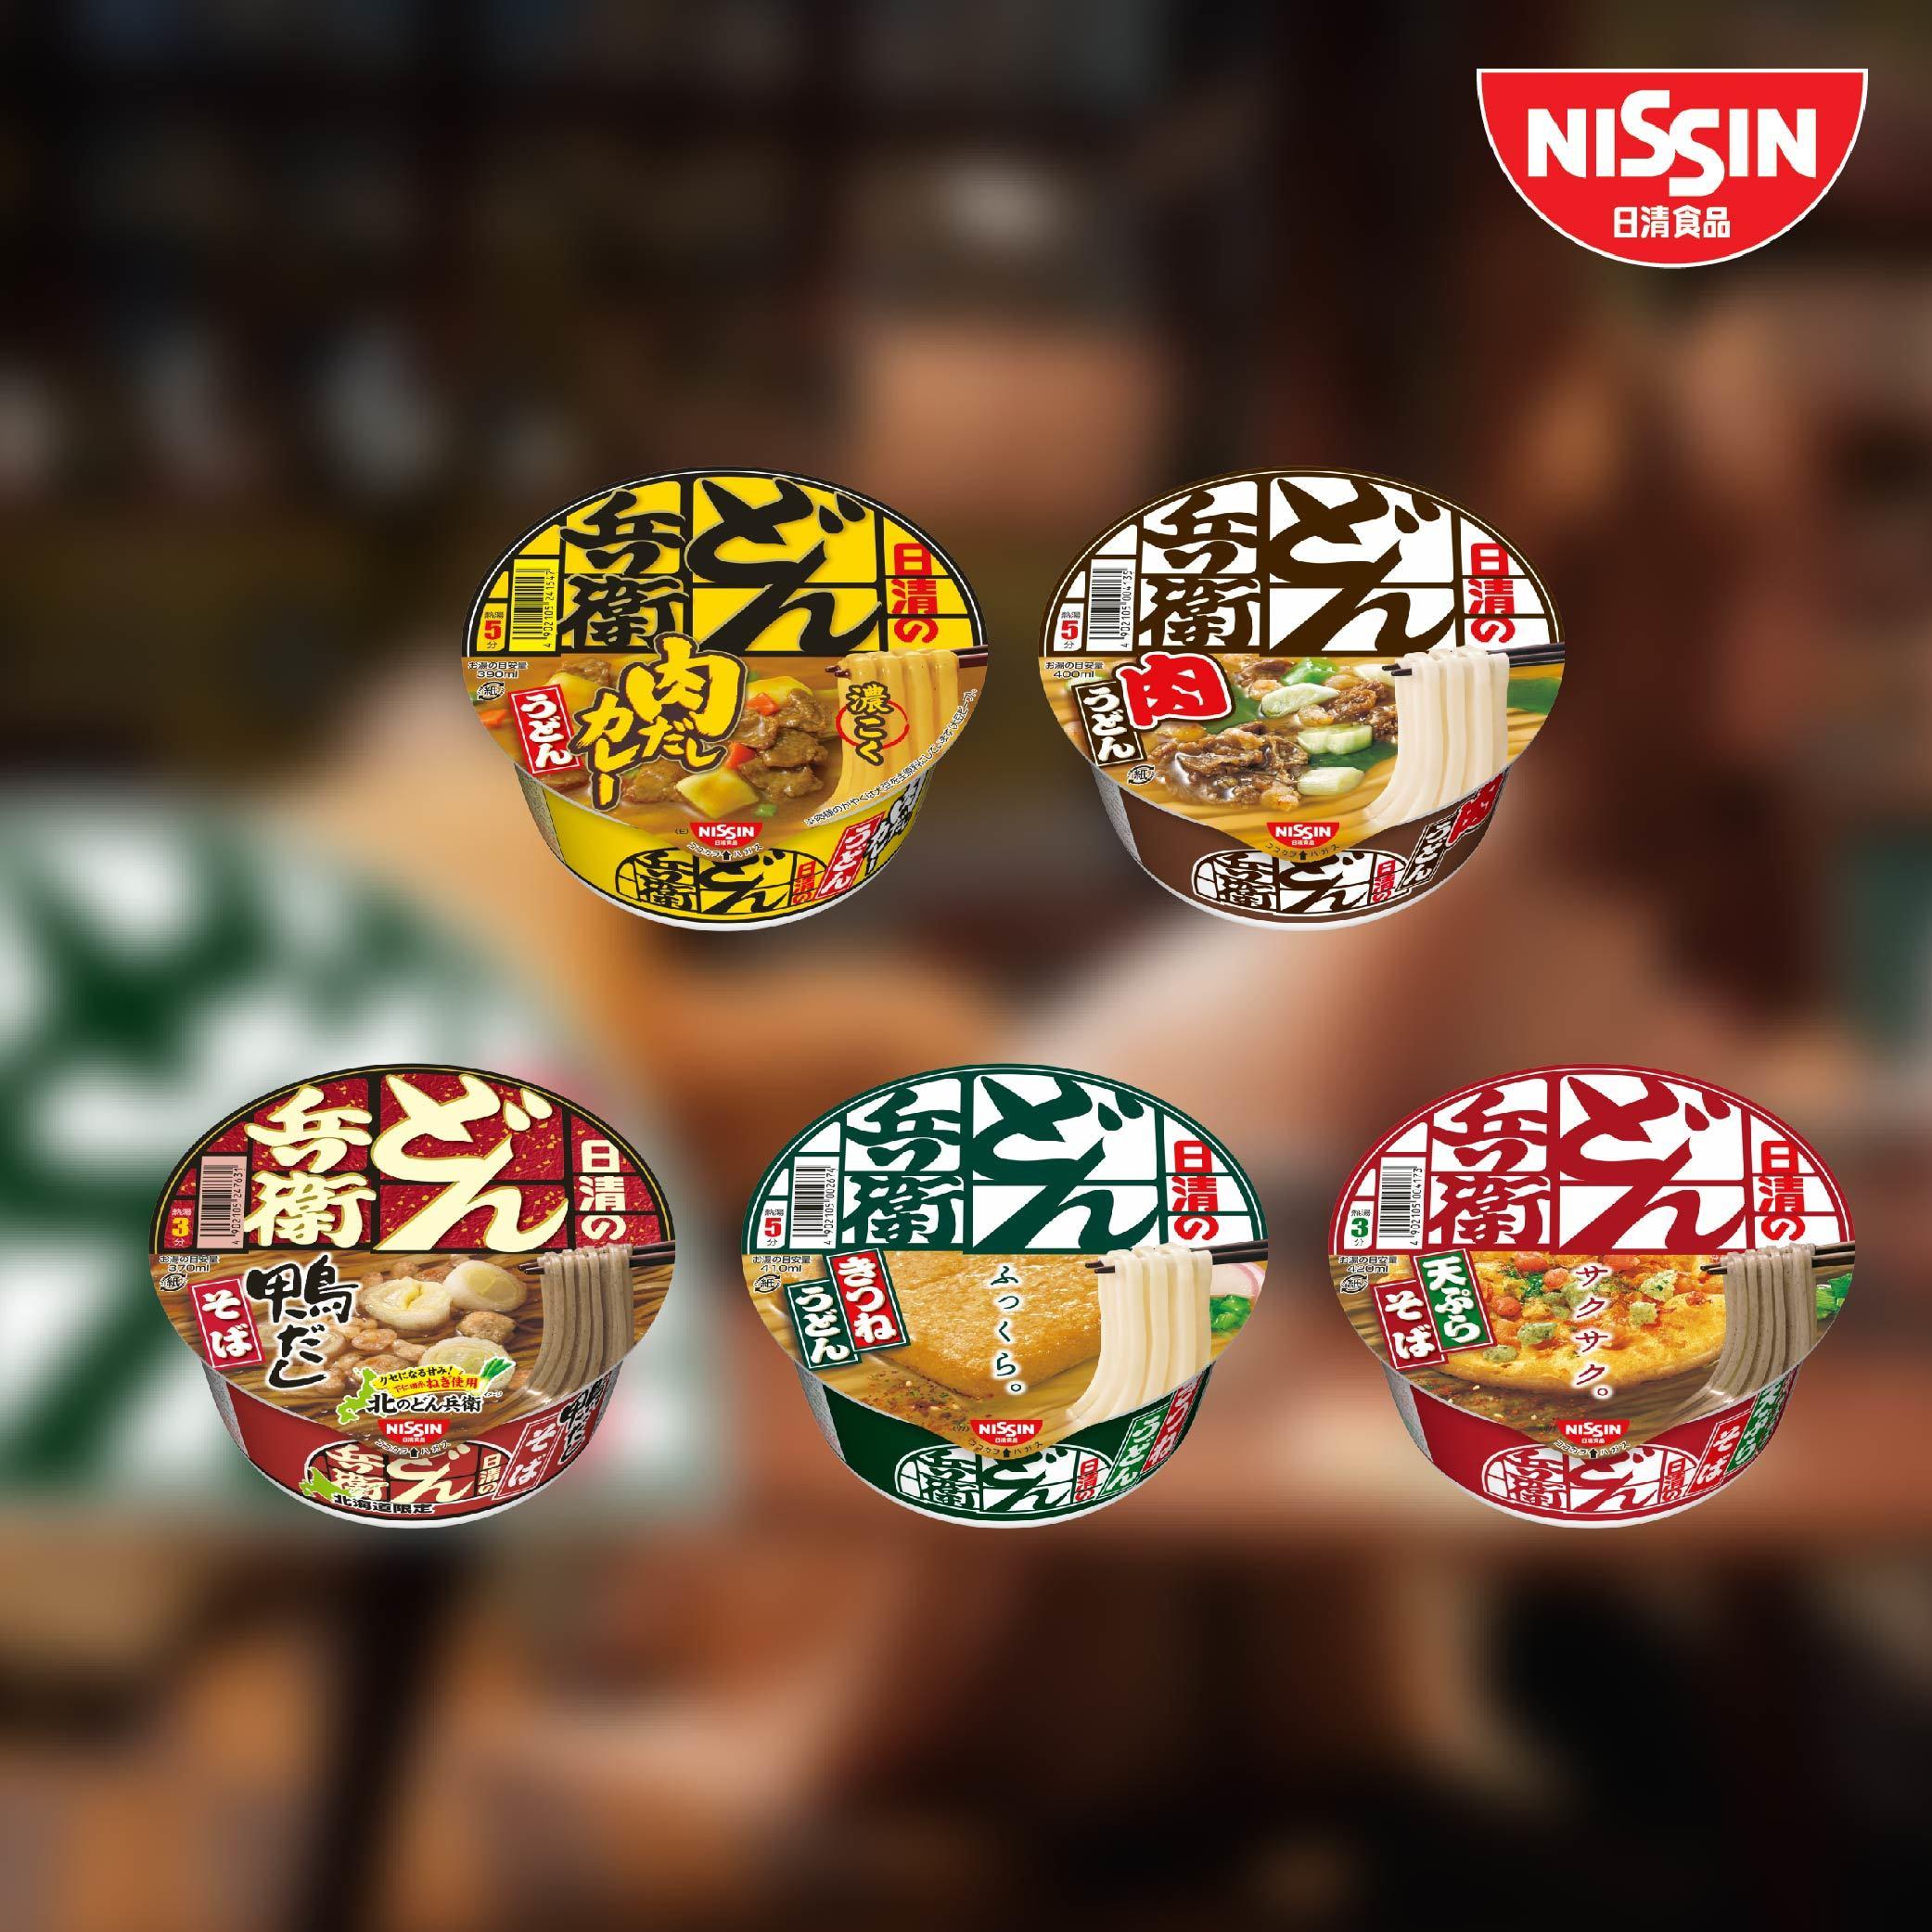 【日本直送】日本日清杯麵 5種口味